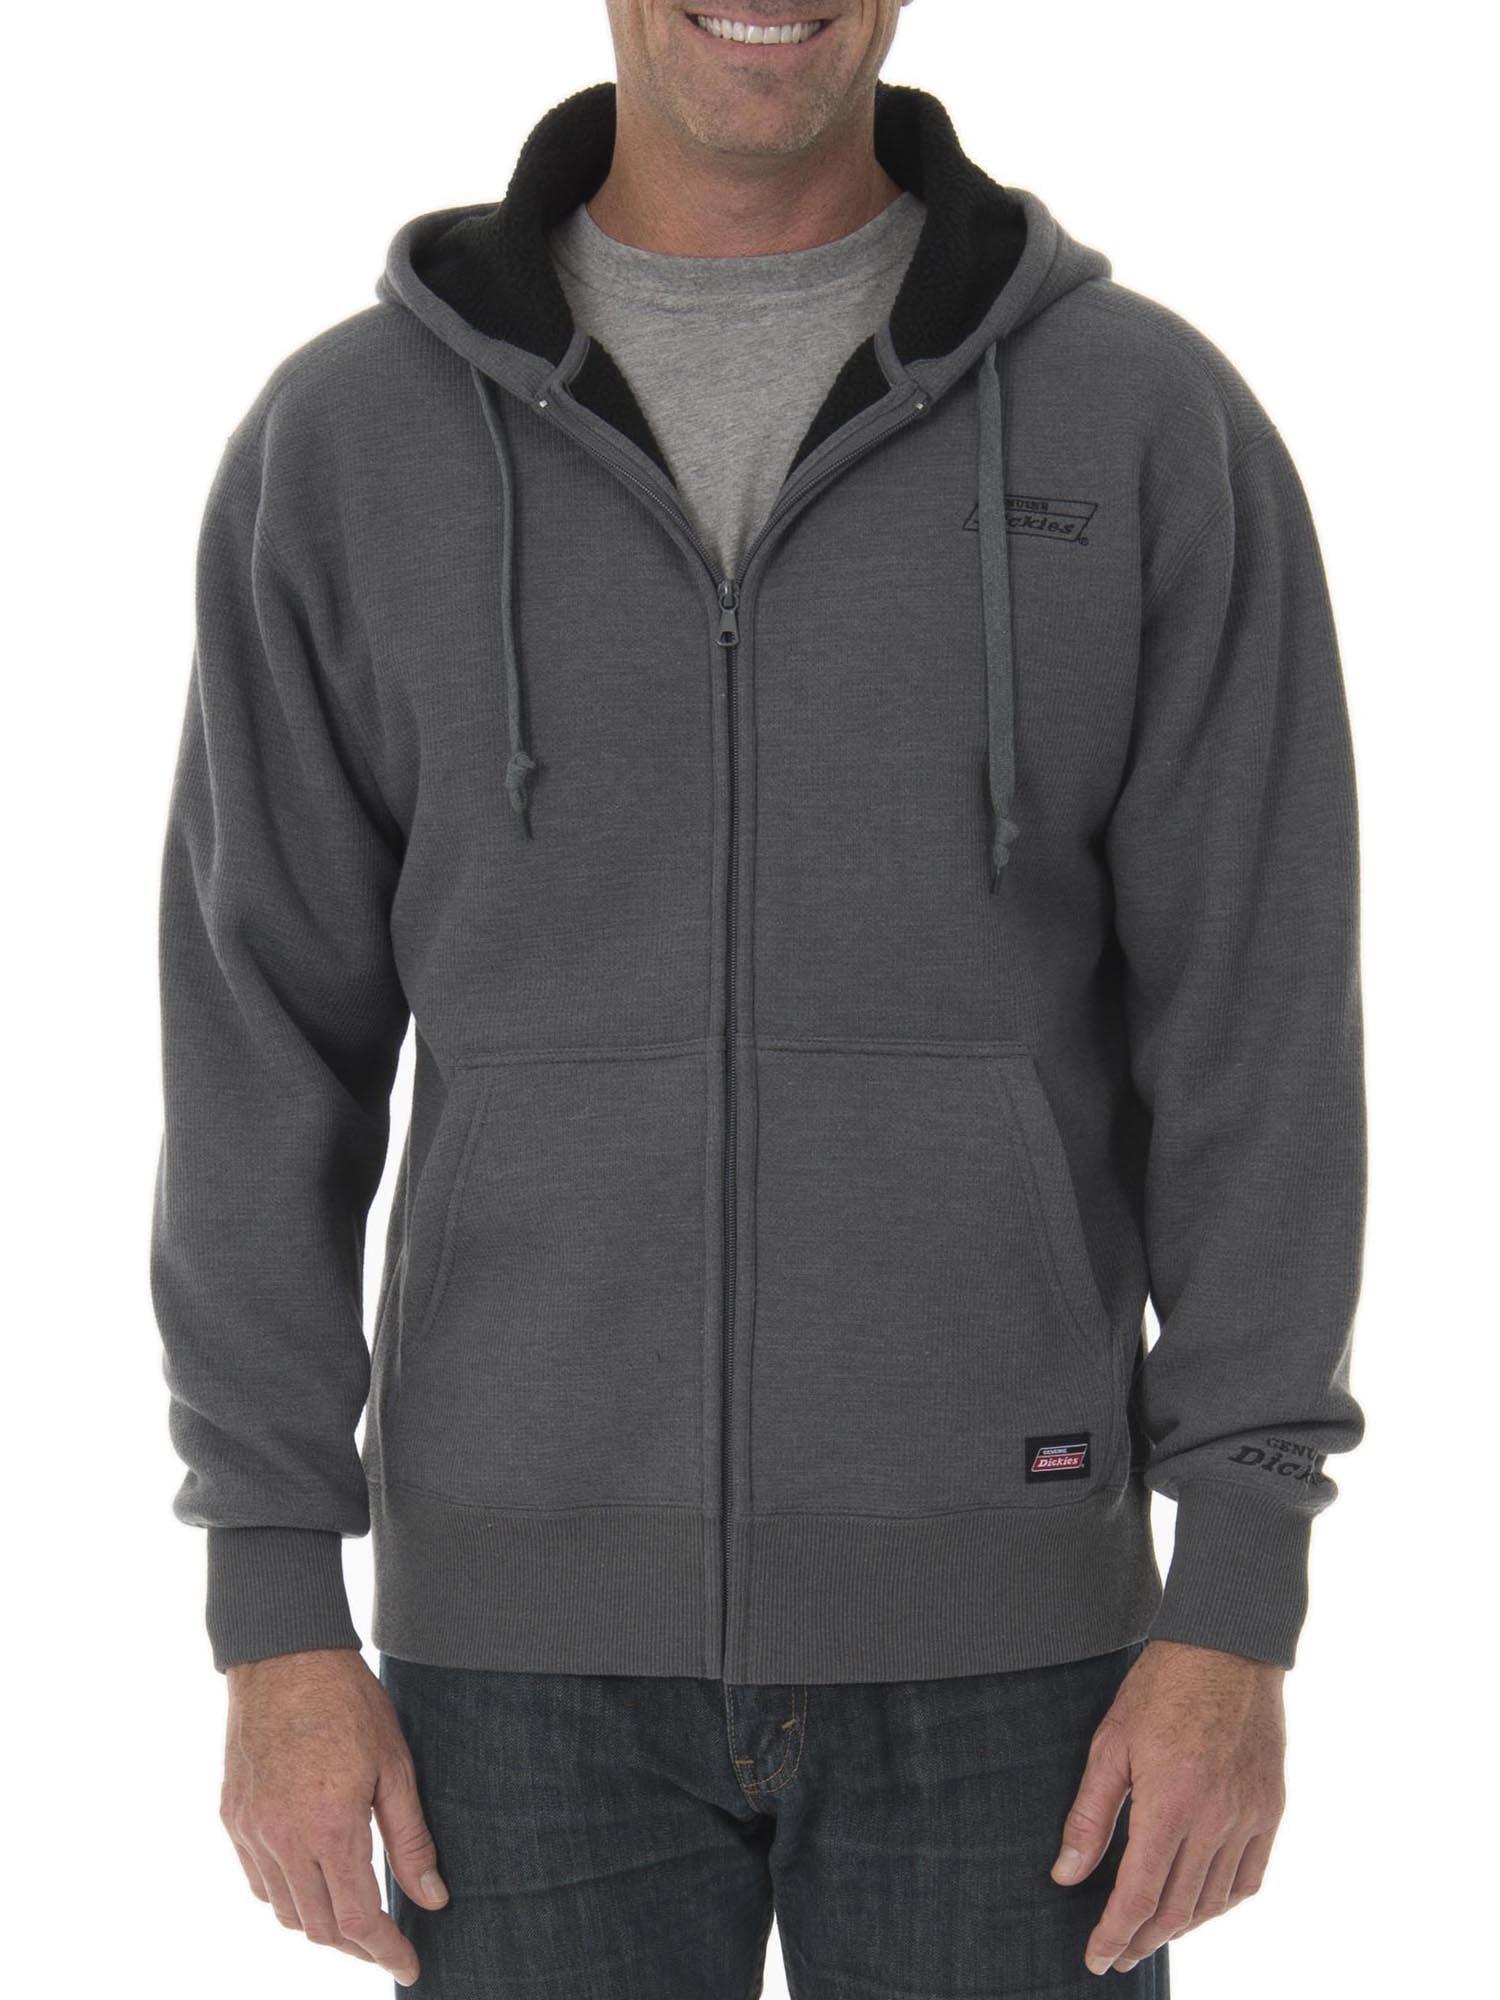 Dickies Big Men's Full Zip Thermal Hoodie with Warm Sherpa Lining